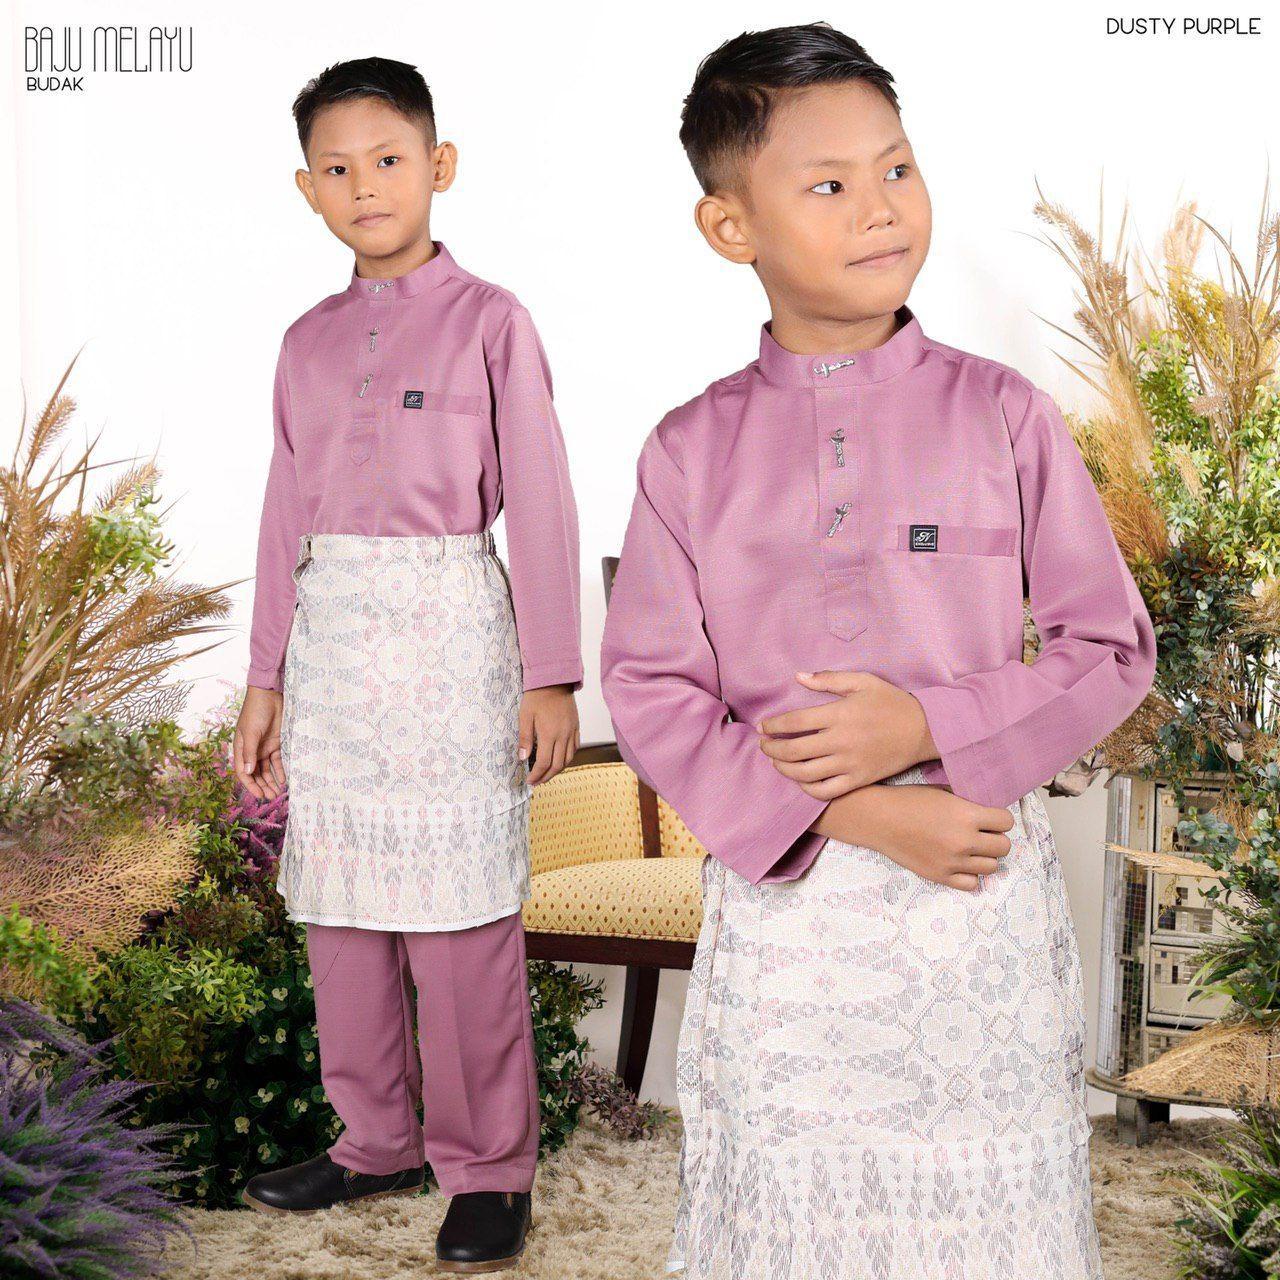 Melayu Kids In Dusty Purple